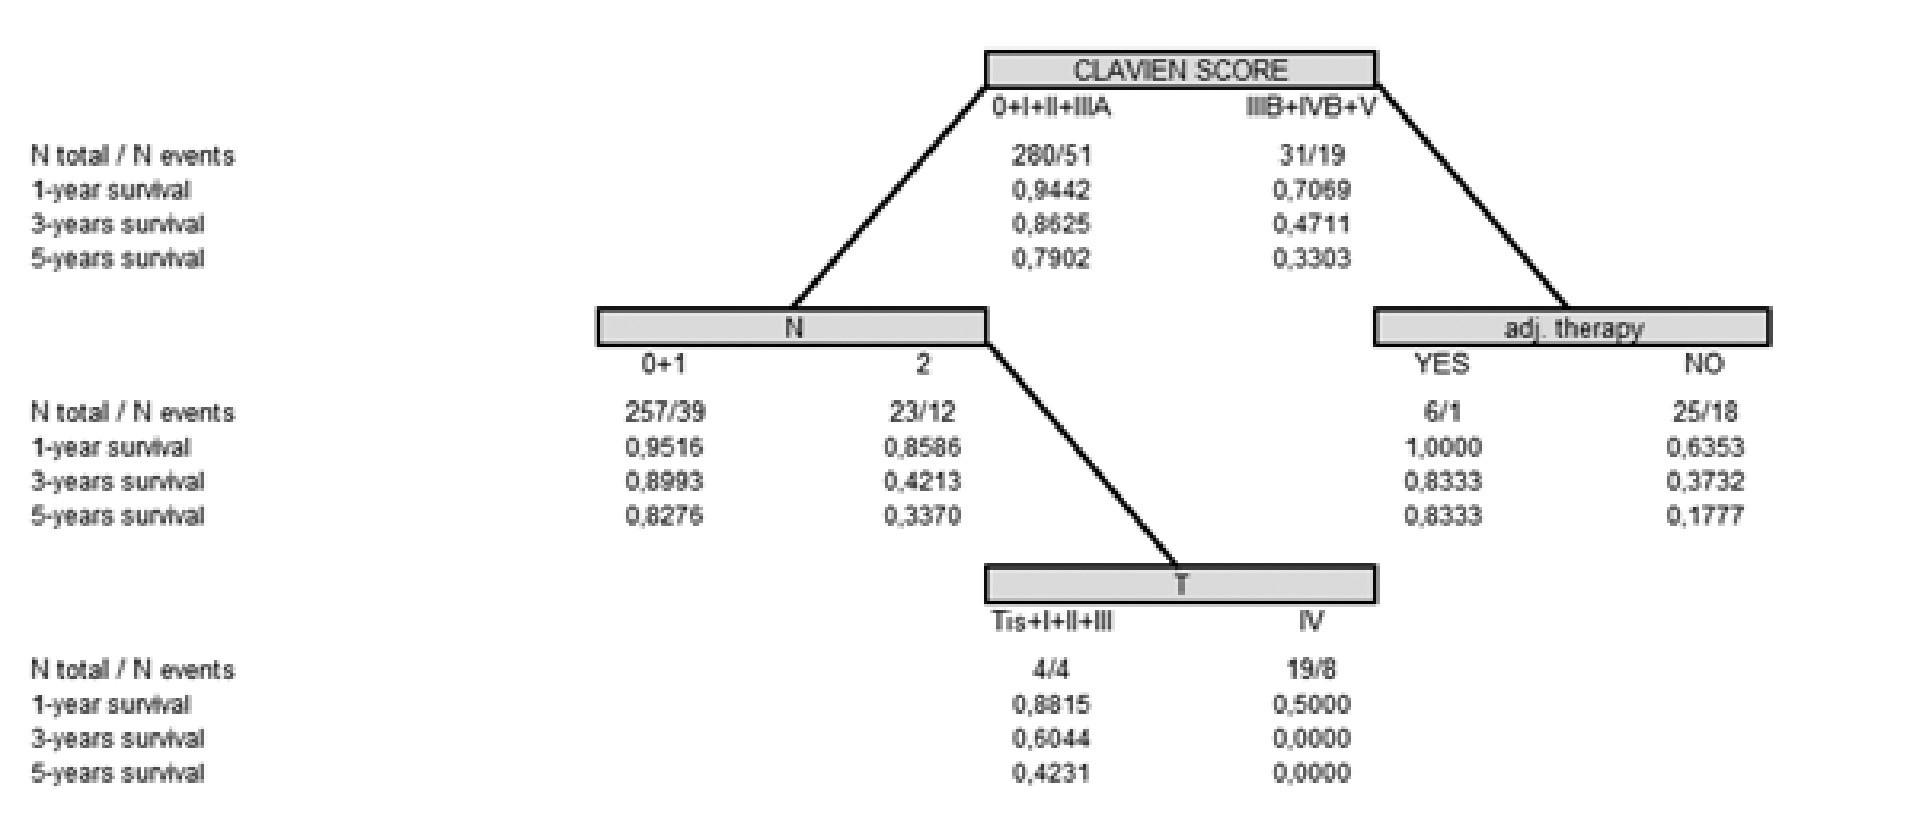 Multivariační analýzou CART celého souboru nemocných byly prokázány silné vztahy k endpointu (nižší celkové přežití) u kombinace pozitivity lymfatických uzlin, Clavienova hodnocení komplikací a lokálního rozsahu tumoru Graph 16: Multivariate analysis CART of the whole group of patients confirmed strong correlation between the end point (short overal survival) and the combination of the following factors: positivity of lymf nodes, Clavien evaluation of complications and local primary tumor stage